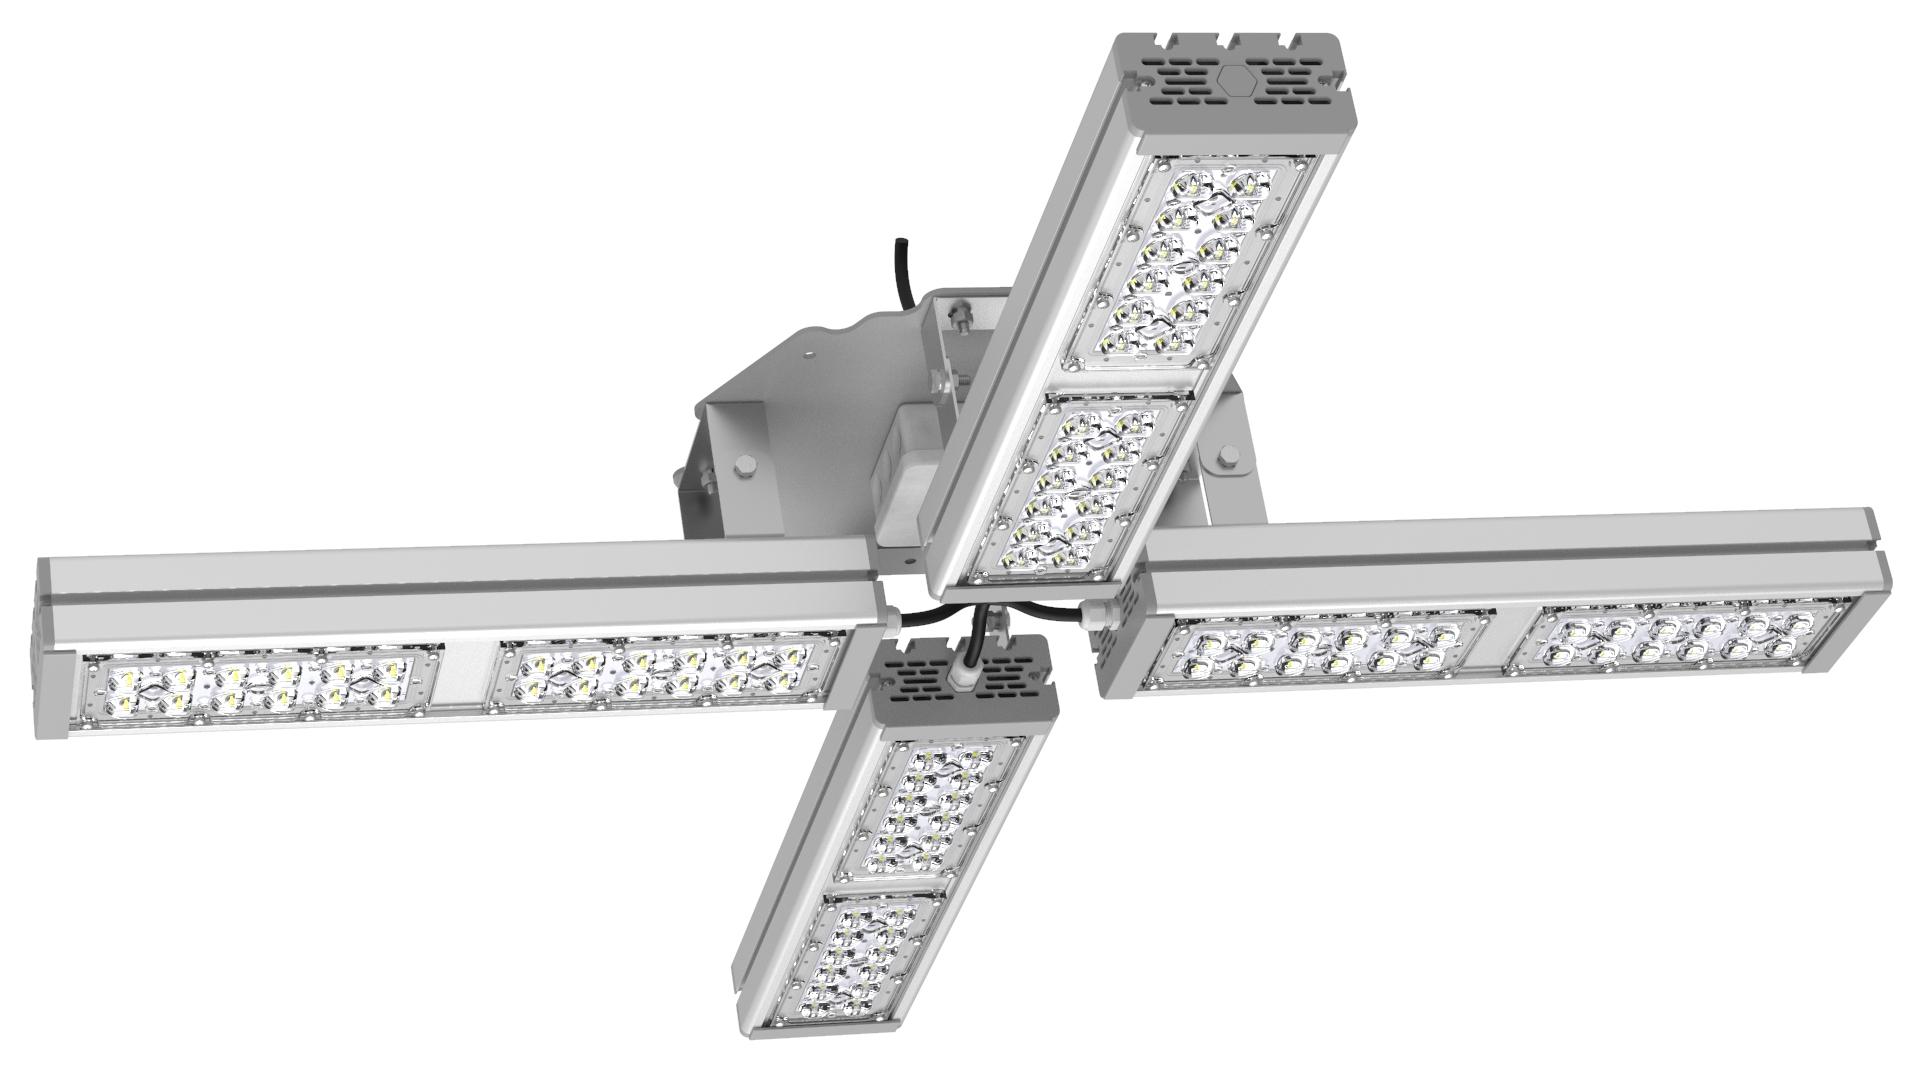 Светильник подвесной Ромашка High-Bay SVT-P-FLOWER-212Вт-58 (с защитой от 380В, трос)